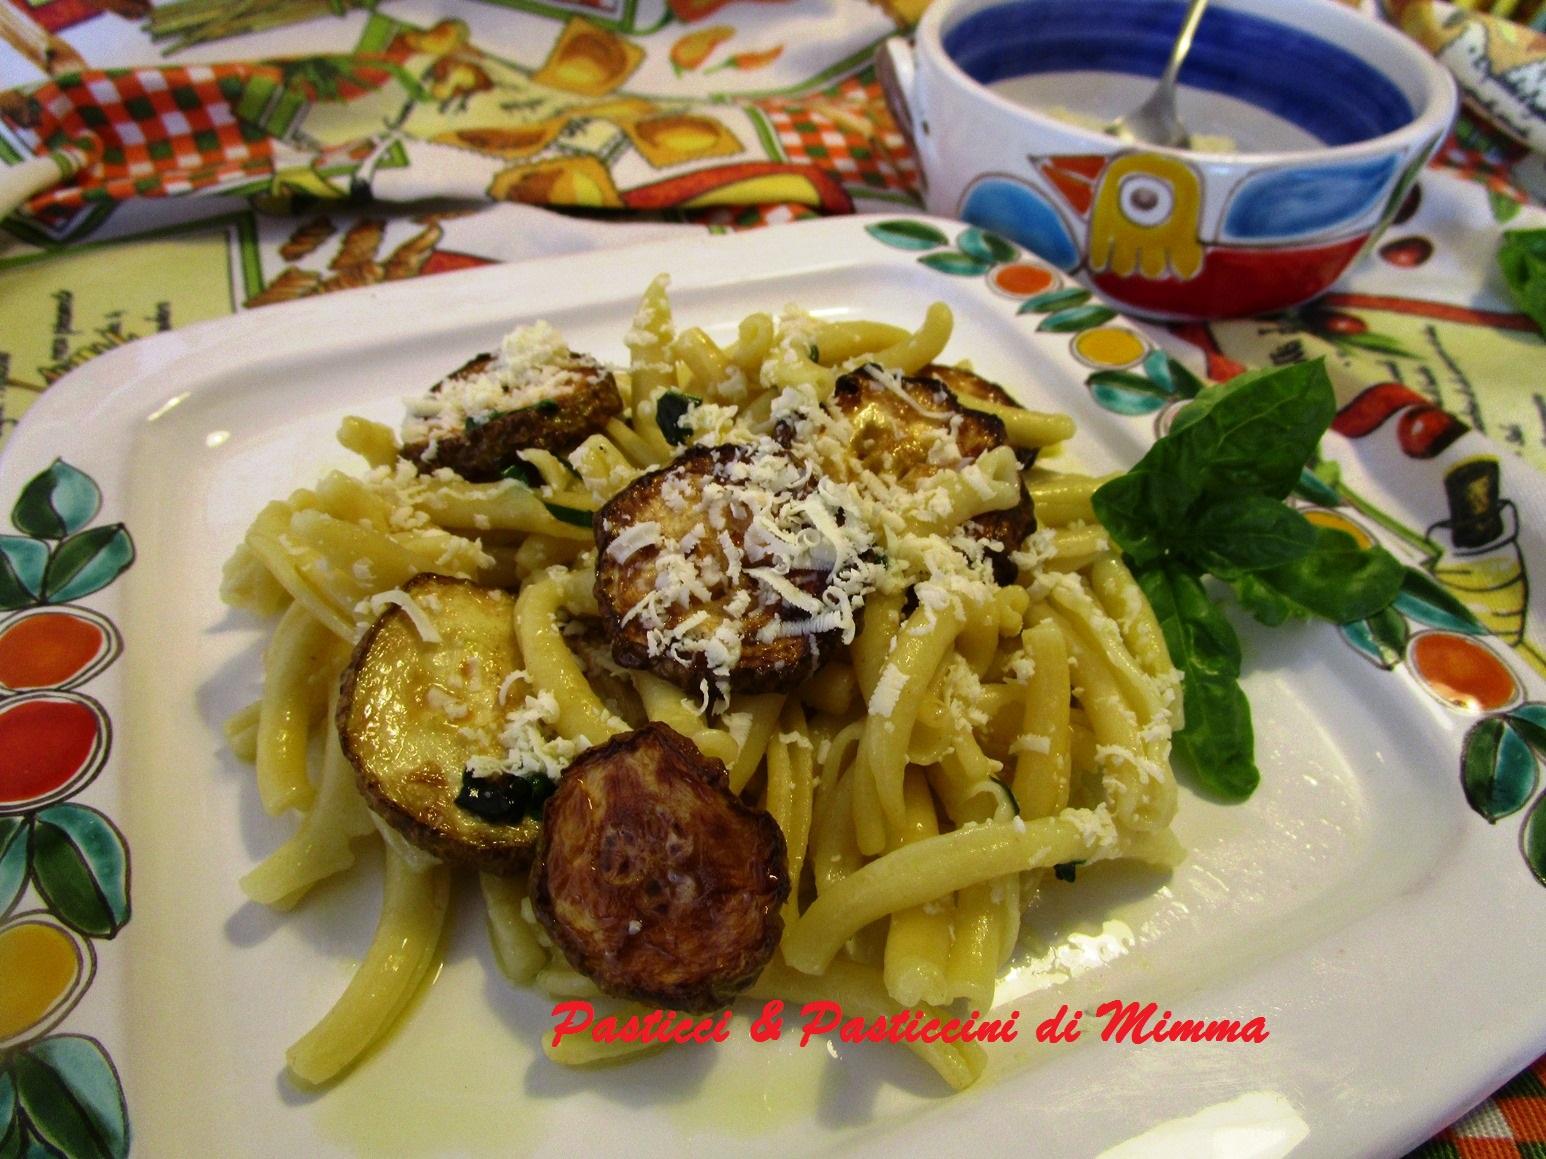 Pasticci pasticcini di mimma pasta con la zucchina for La zucchina